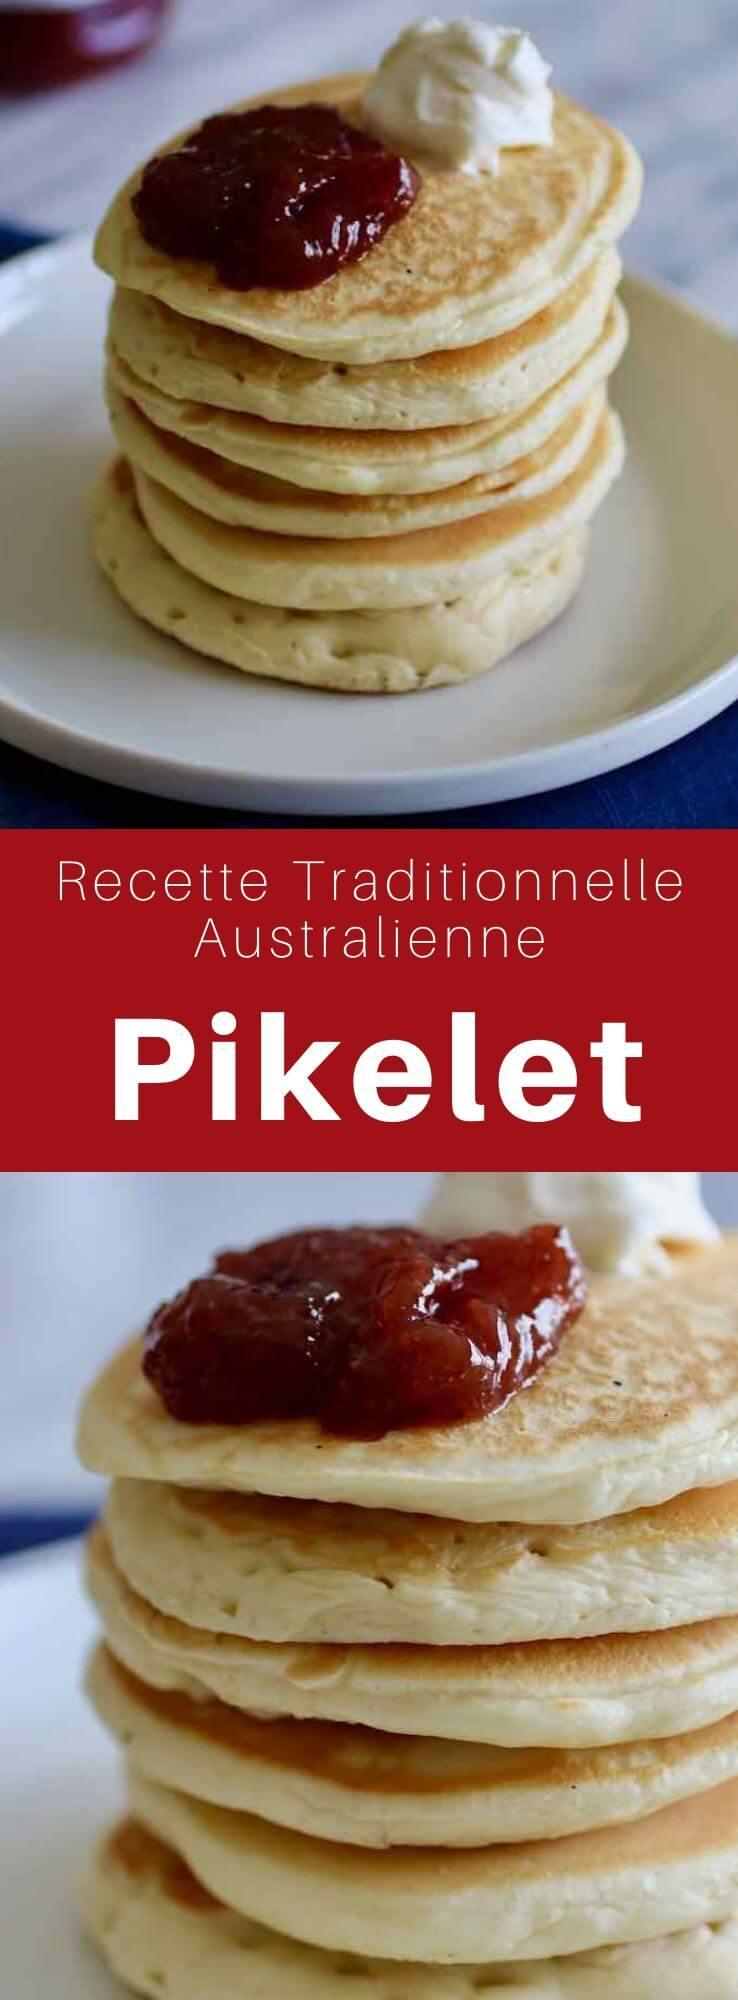 Le pikelet est une variante de crêpe épaisse populaire en Australie et en Nouvelle Zélande, semblable au pancake américain. #Australie #RecetteAustralienne #CuisineDuMonde #196flavors